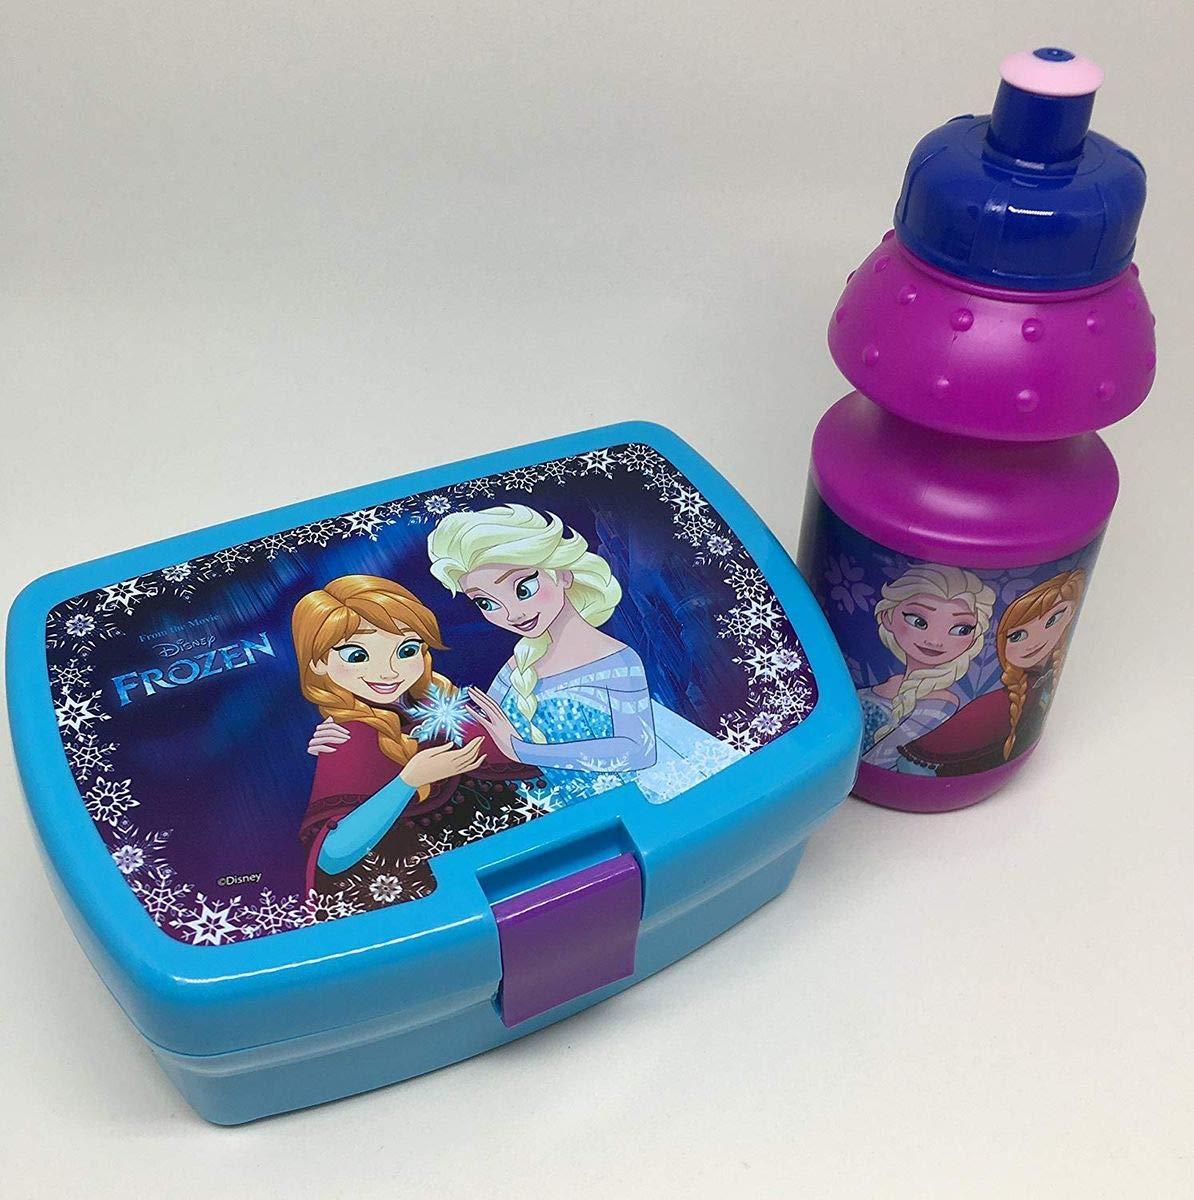 /Set picnic/ /Frozen/ /16/x 11/x 6/cm diakakis/ /Caja de s/ándwich y botella de pl/ástico/ /0561610/